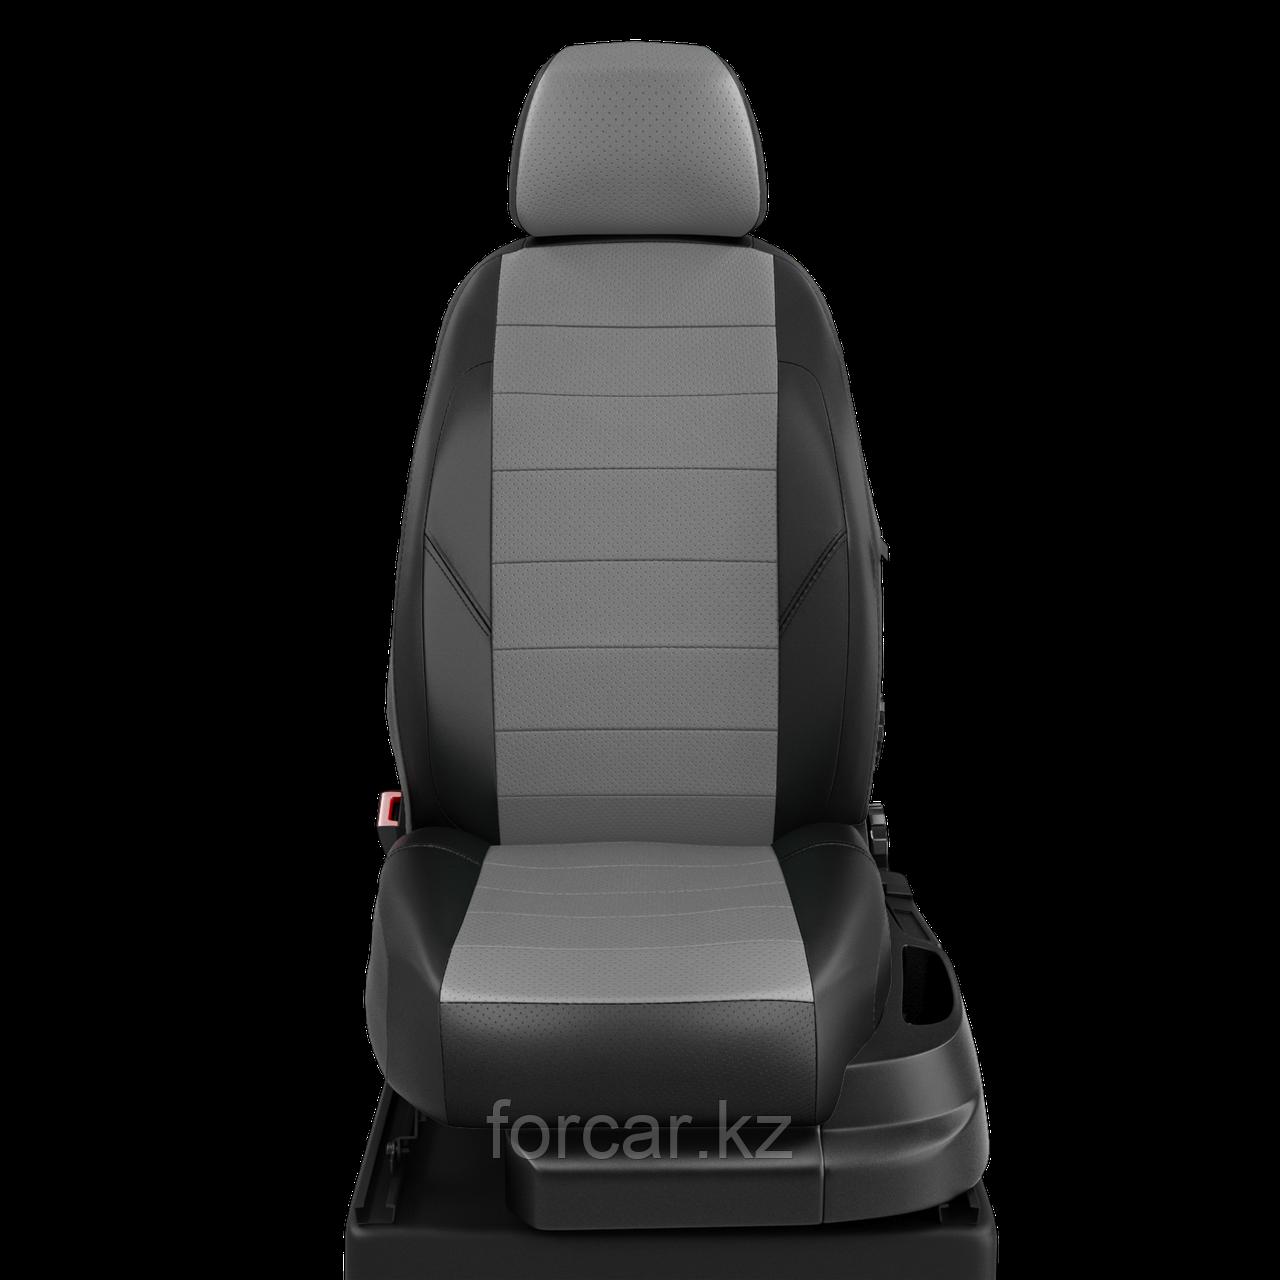 Авточехлы для Nissan Qashqai с 2014-н.в. джип 5 мест